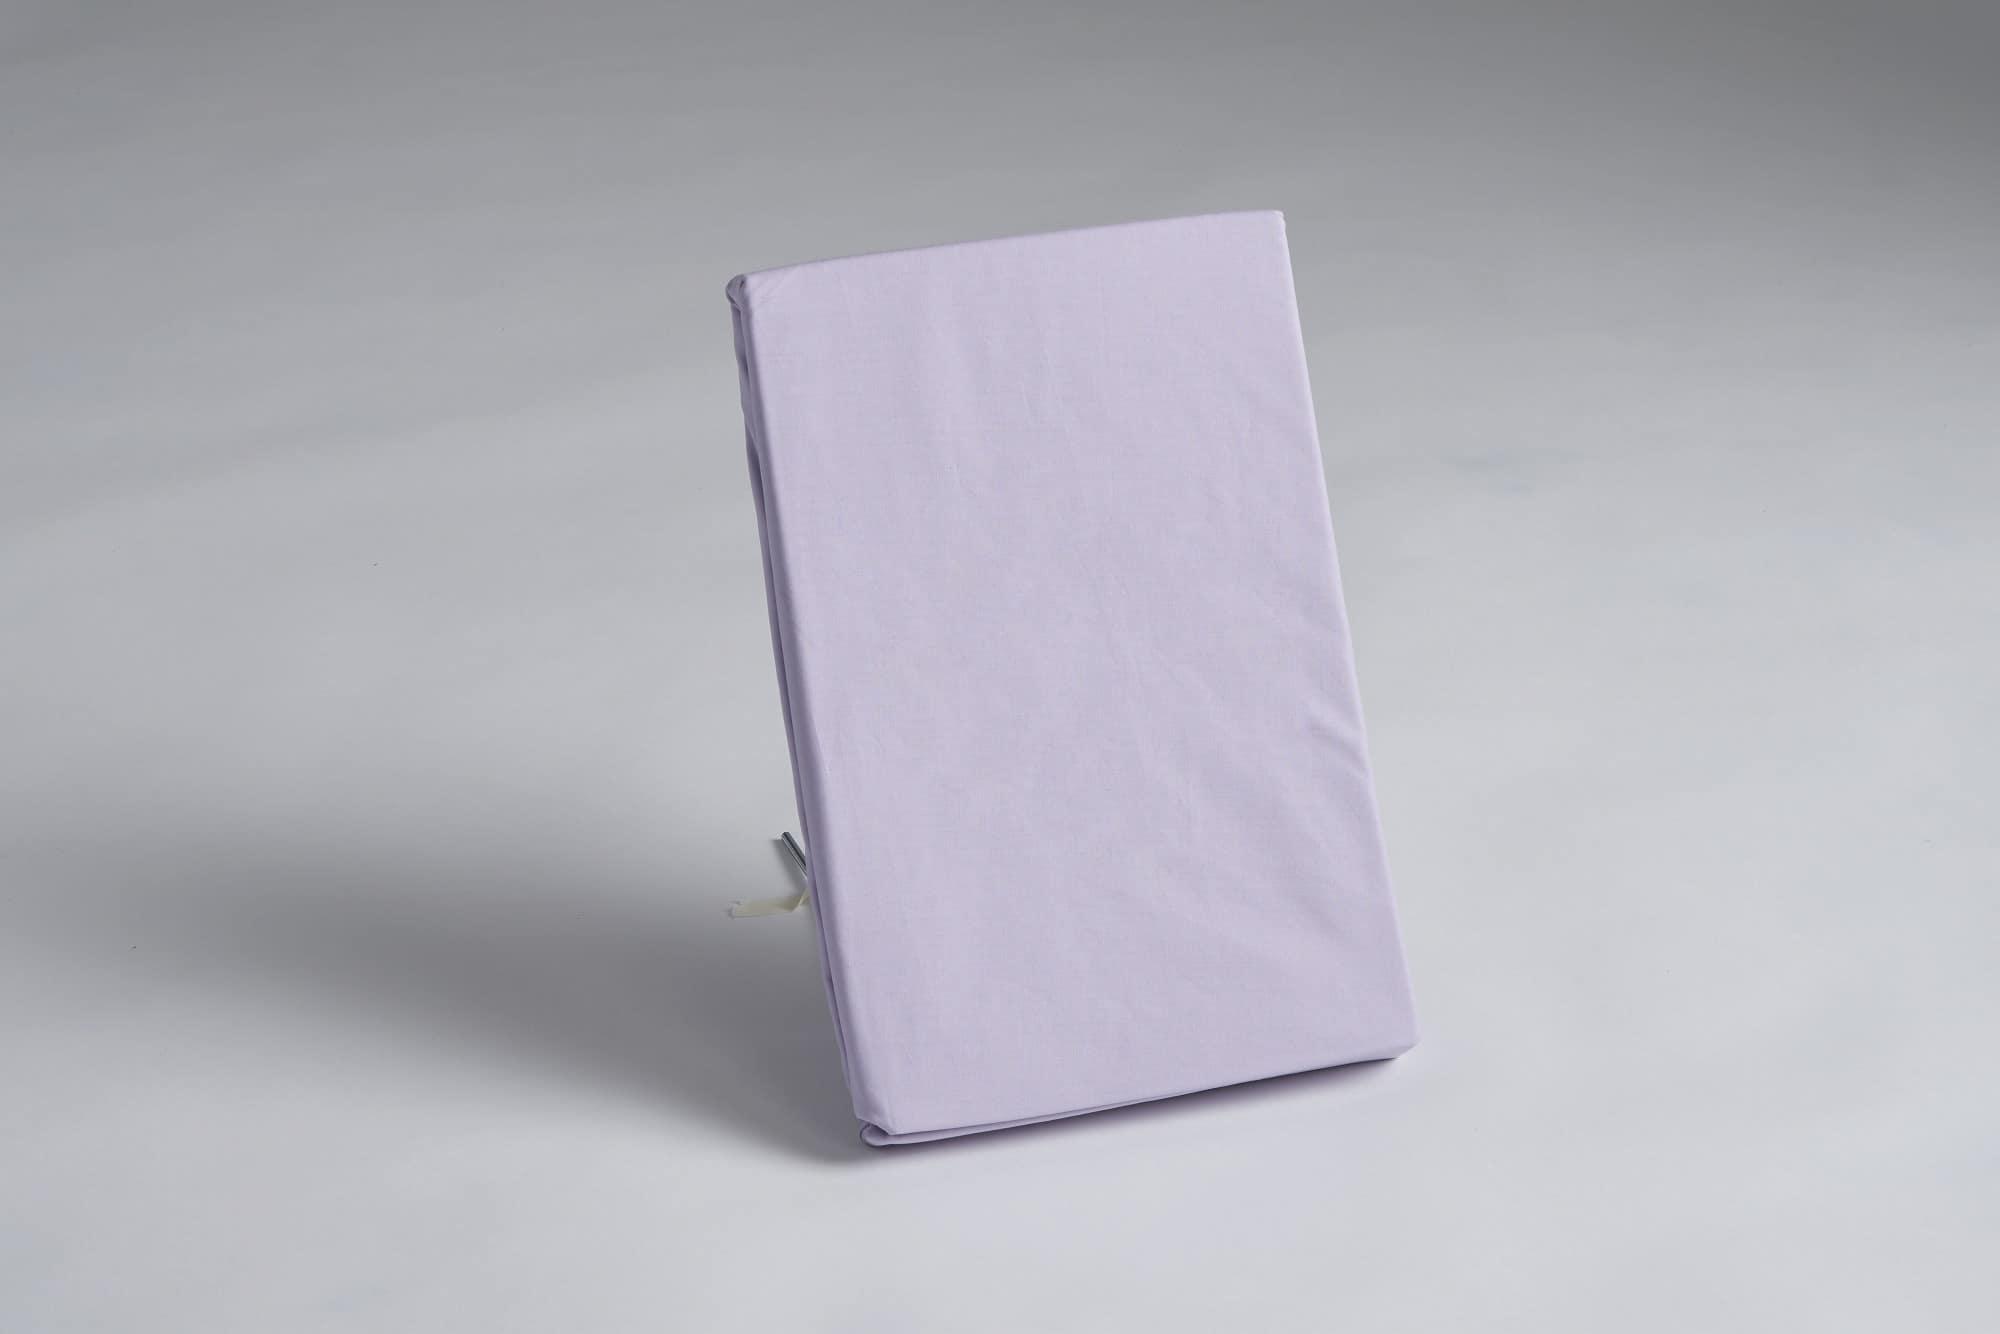 ボックスシーツ シングル用 45H パープル:《綿100%を使用したボックスシーツ》